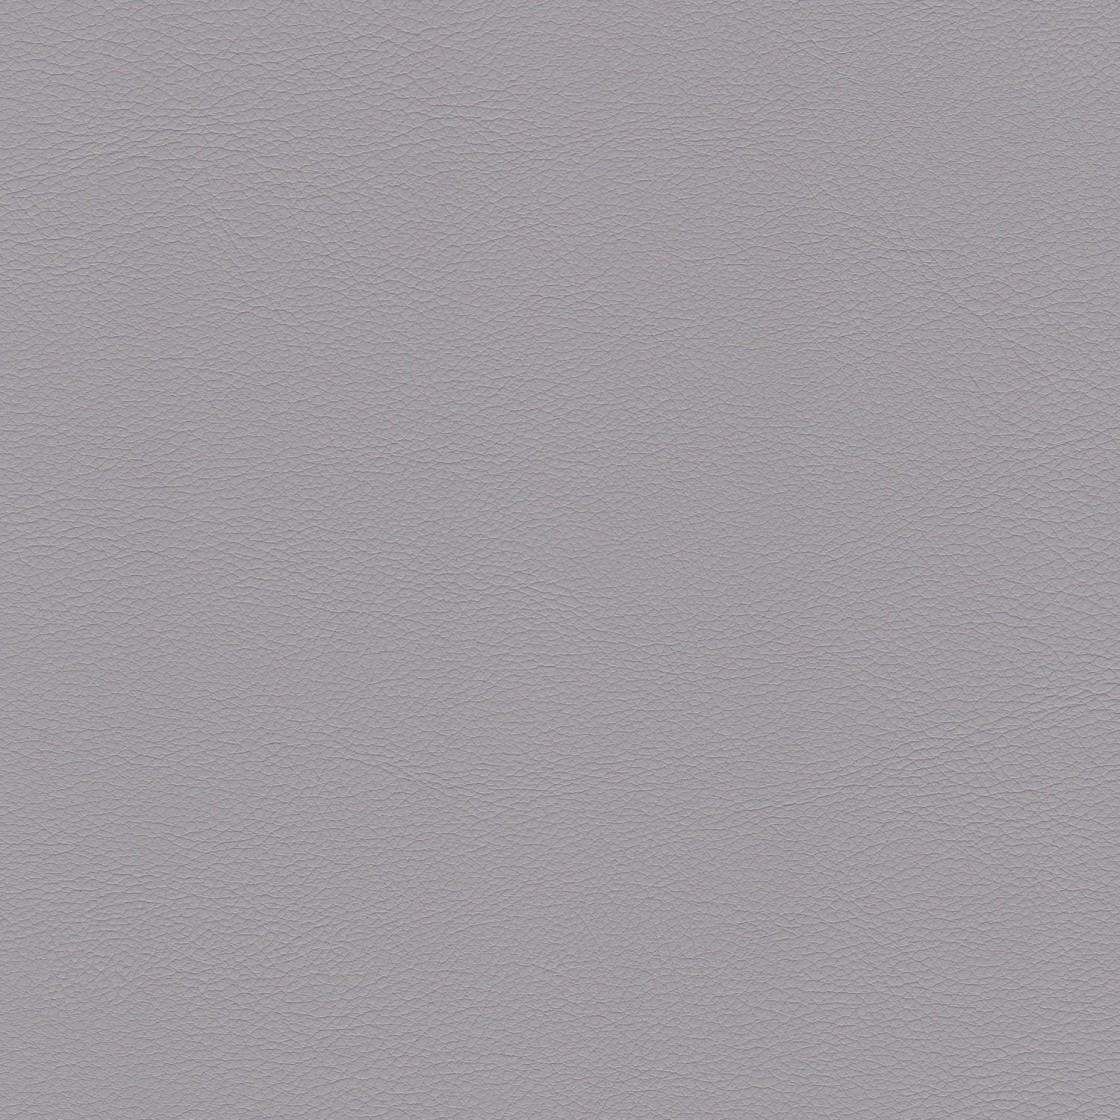 Microfleur souple 0.65mm - Microfibre, 2 coloris